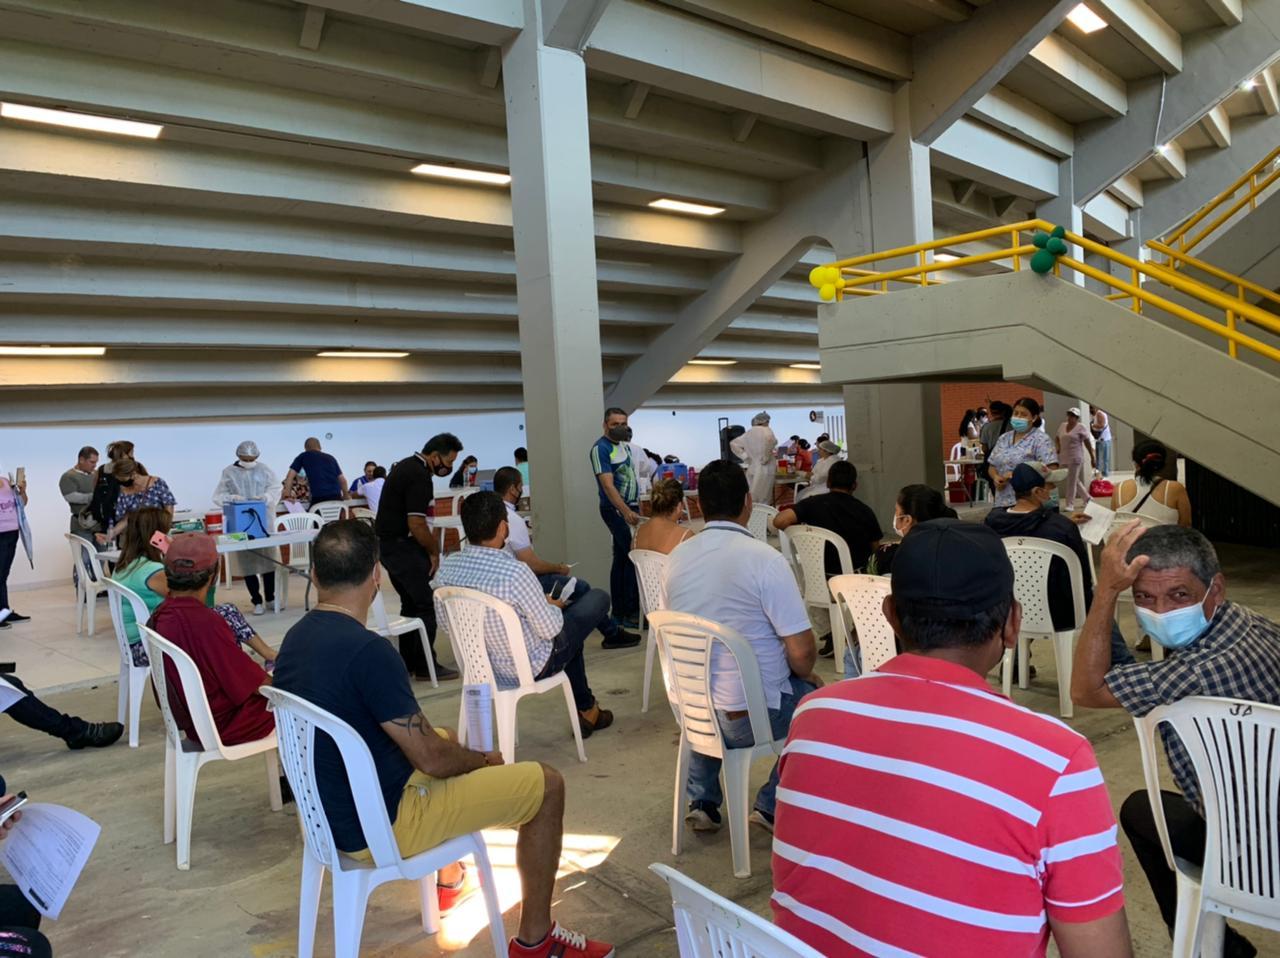 Inicia jornada de vacunación contra el Covid-19 en el estadio Manuel Murillo Toro